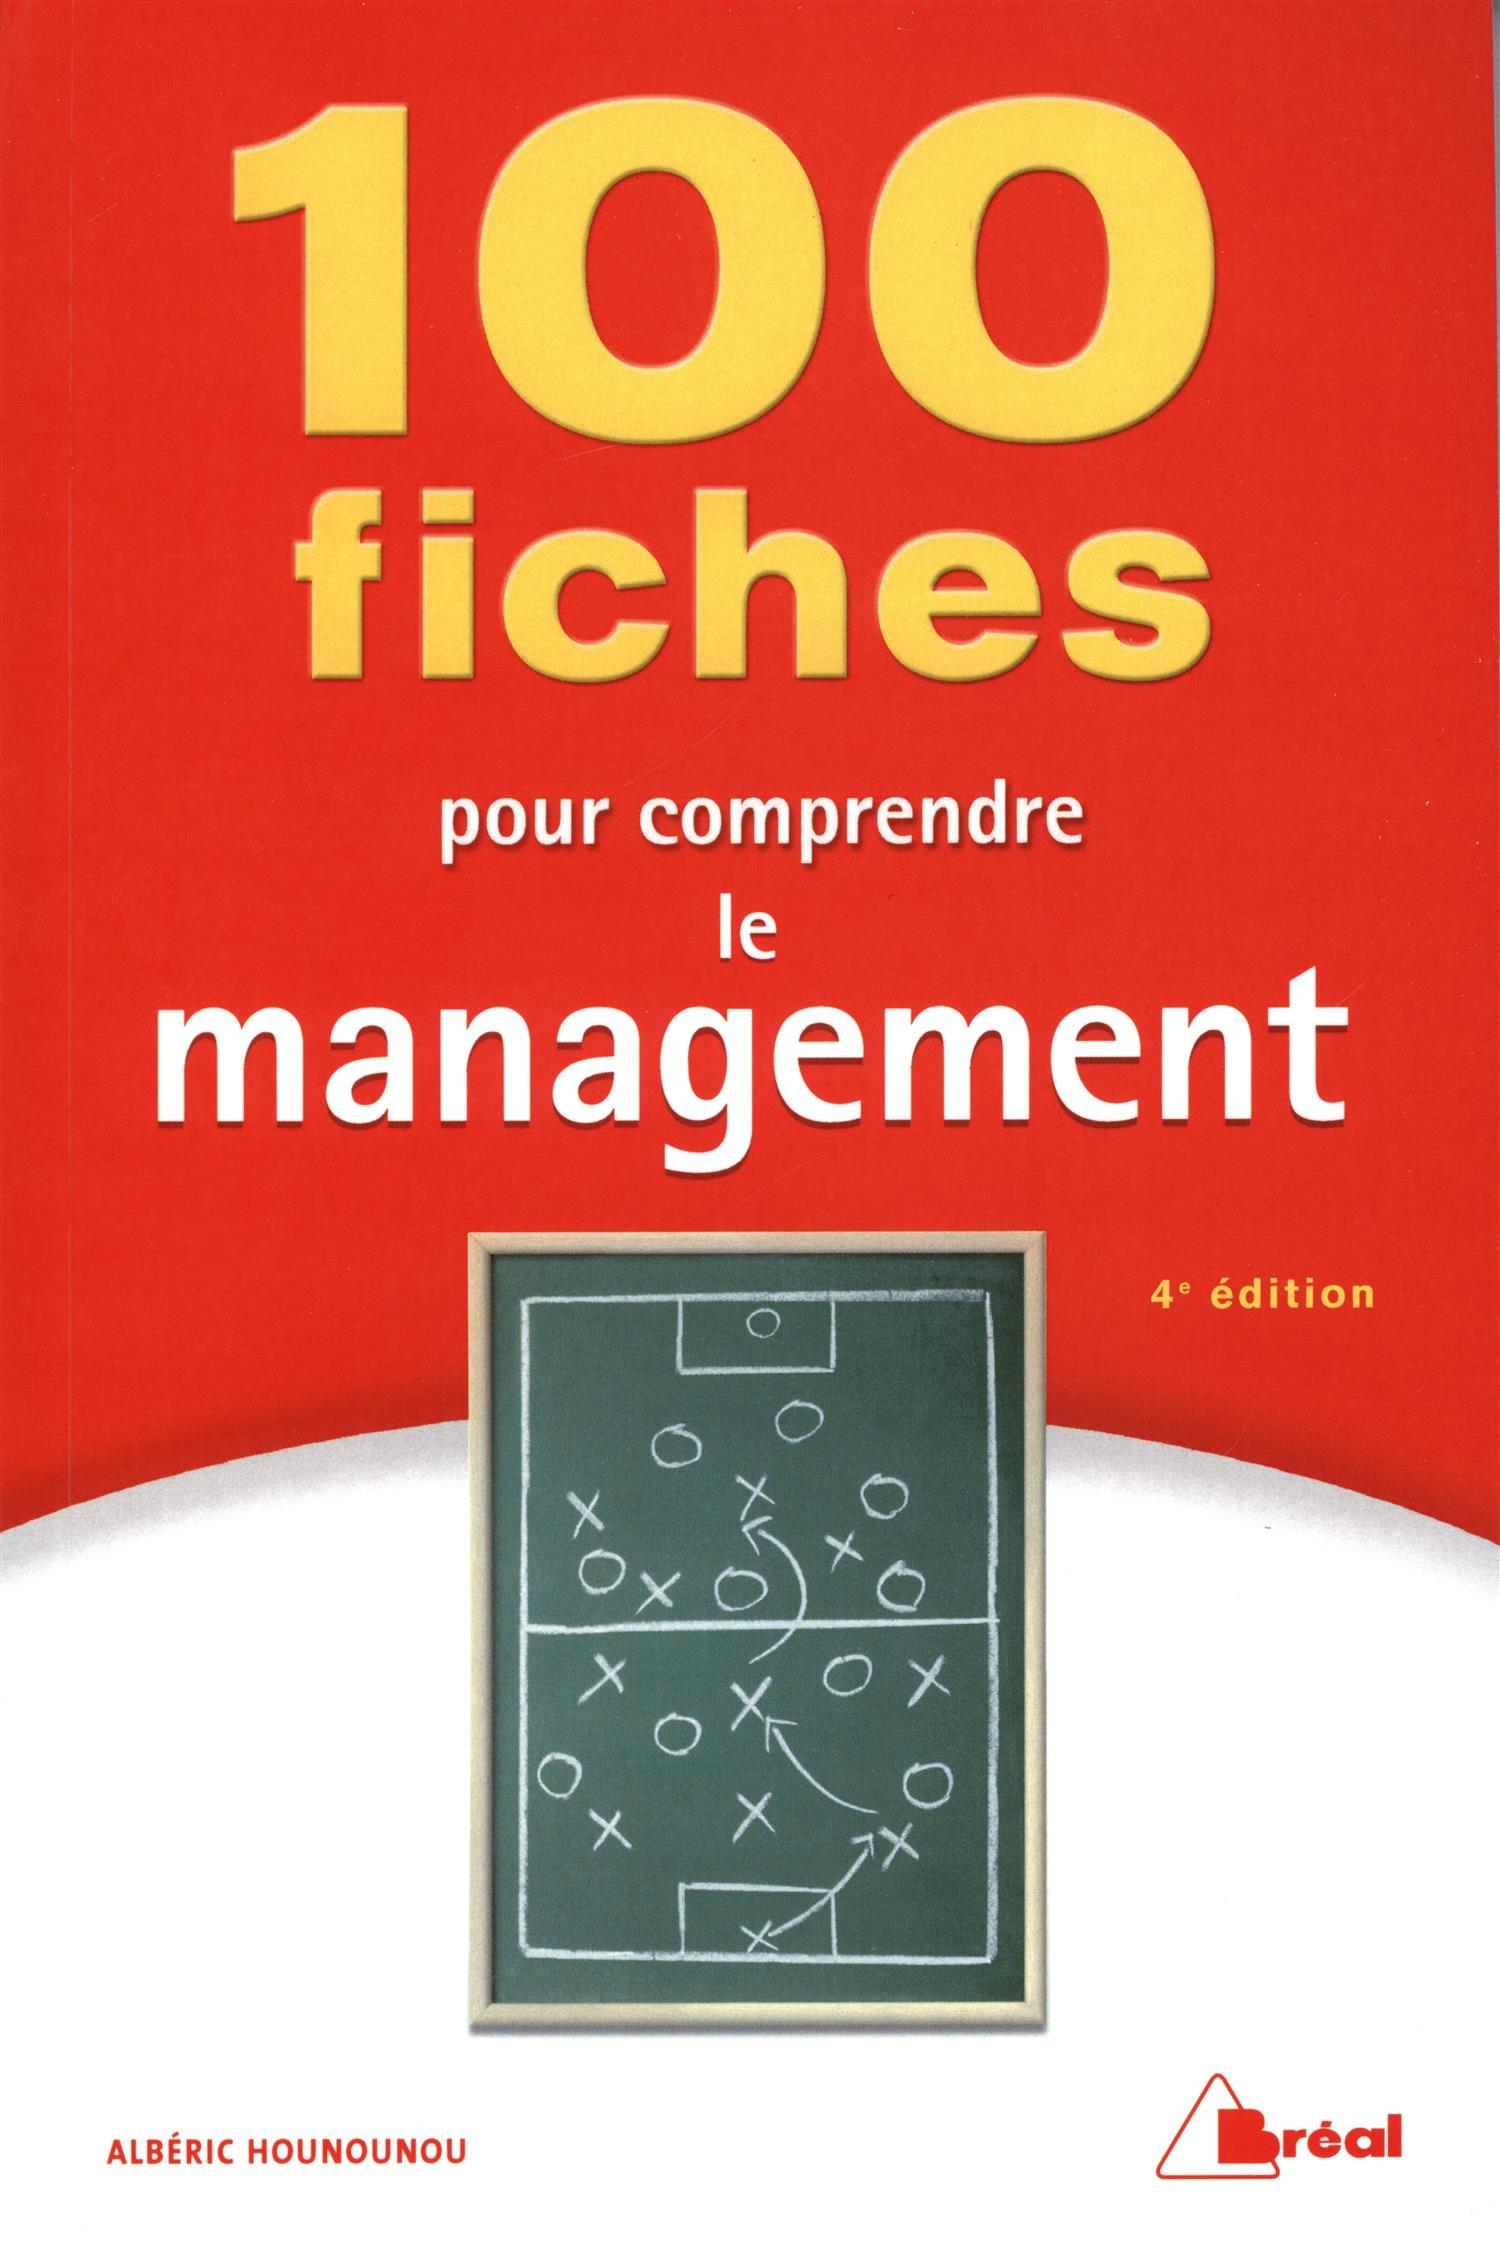 100 fiches pour comprendre le management Broché – 16 août 2013 Albéric Hounounou BREAL 2749532515 Entreprise